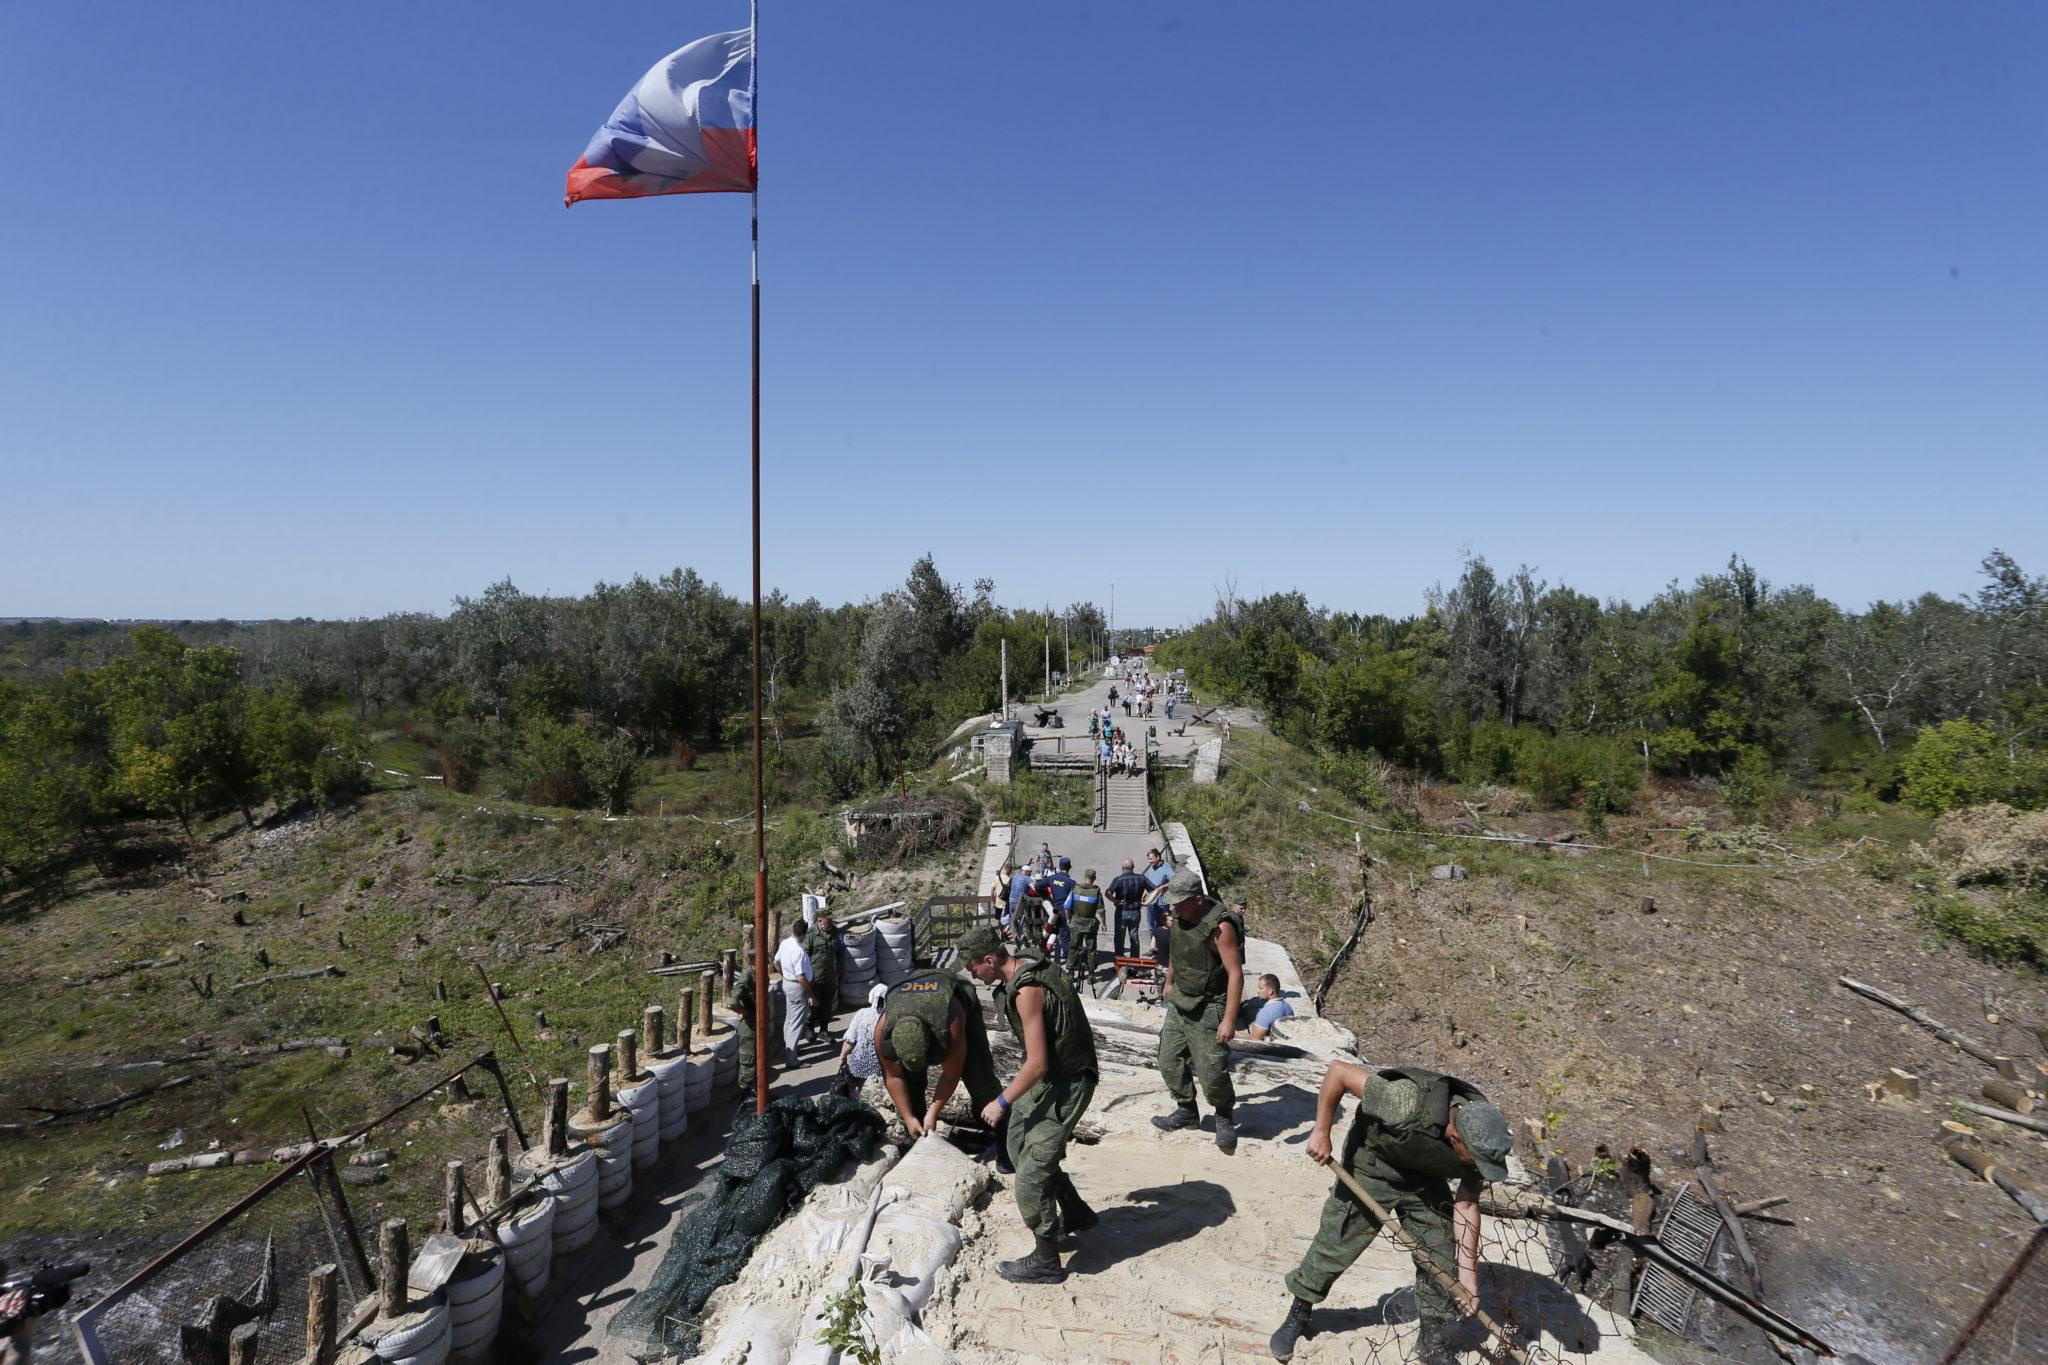 Ukraina: uszkodzony most, żołnierze Ługańskiej Republiki Ludowej demontują fortyfikacje i przygotowują zniszczony most do naprawy, fot. Dave Mustaine, PAP/EPA